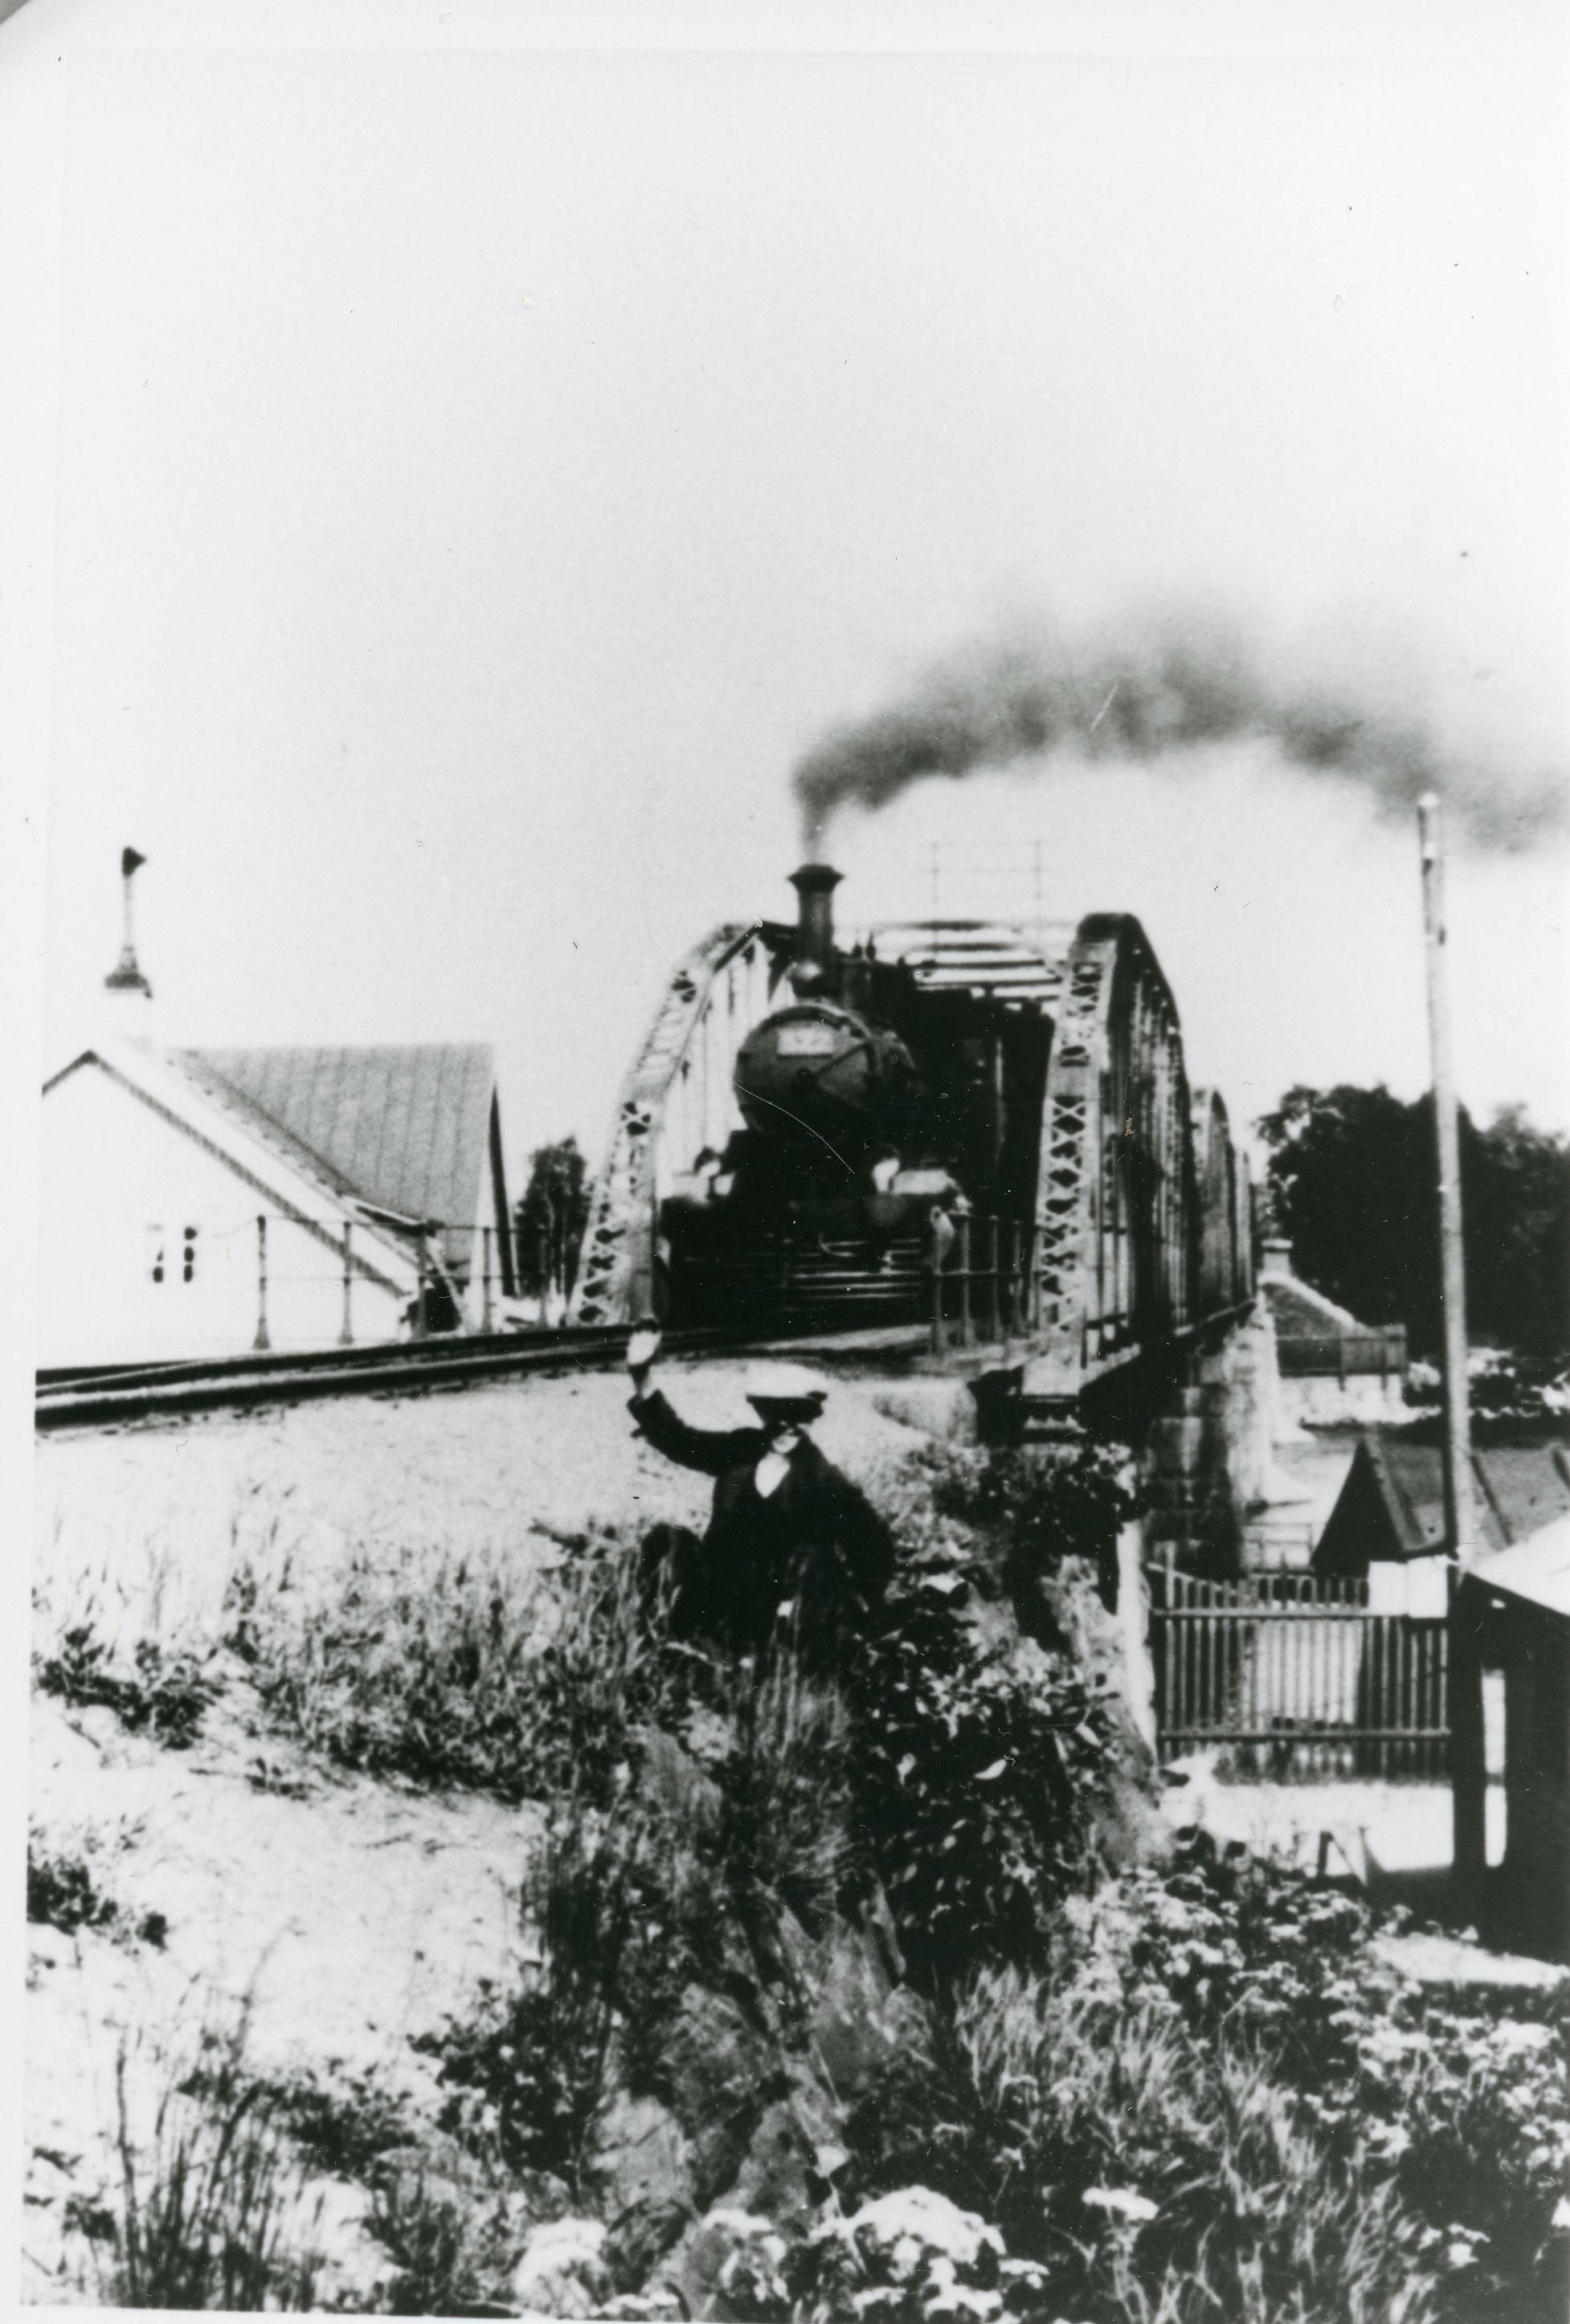 Höyryveturi tulossa sillalta, etualalla penkereellä kasvillisuuden seassa mies käsi pystyssä. Radan molemmin puolin rakennukset.